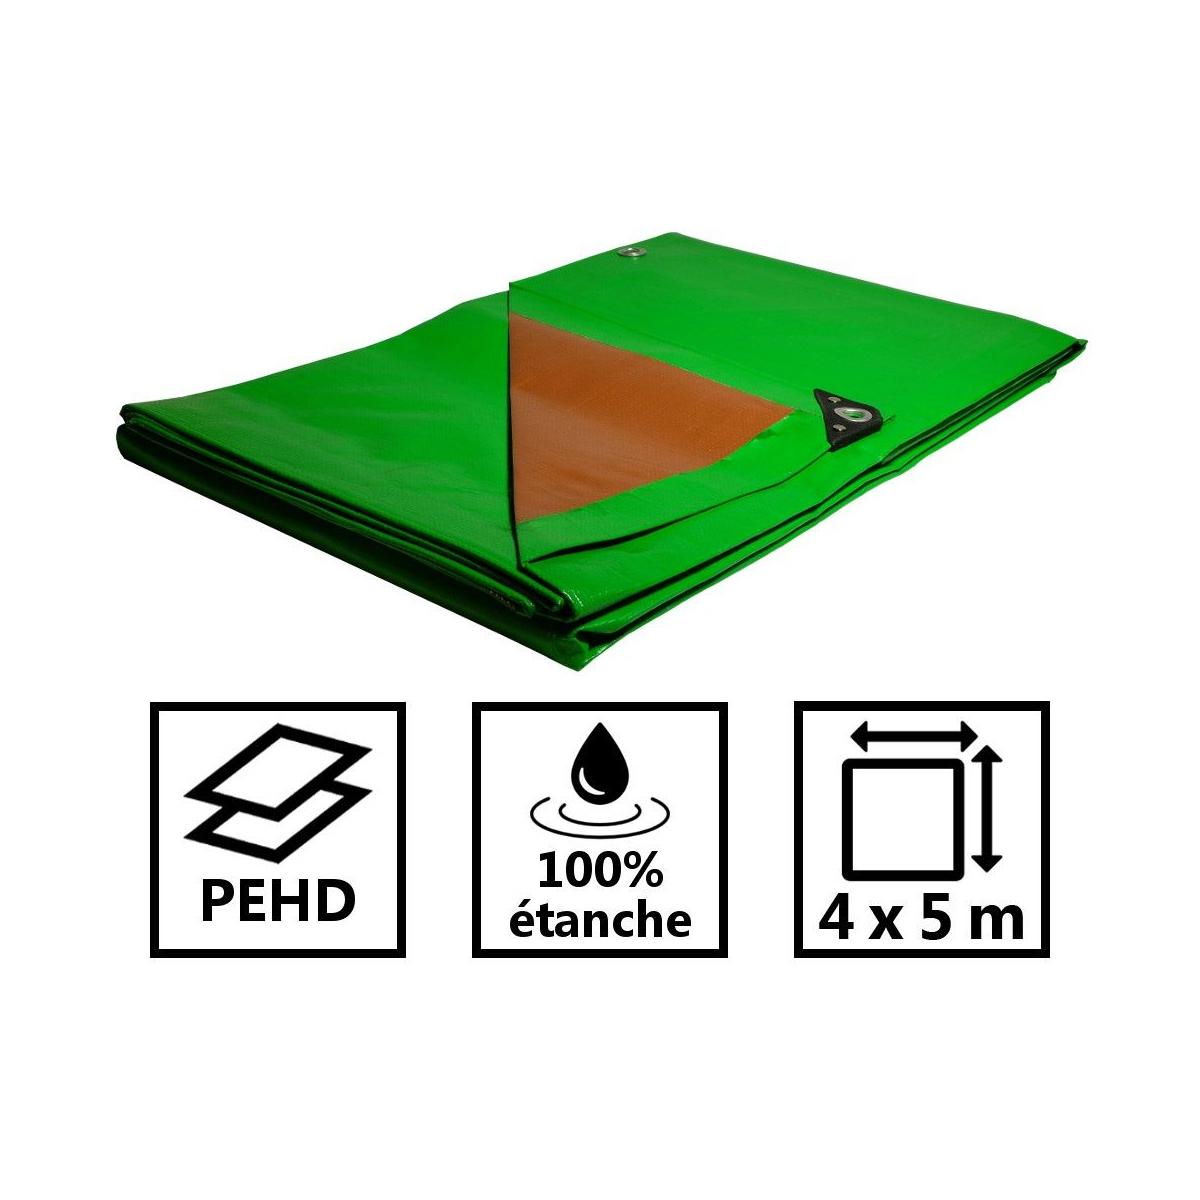 Détails Sur Bâche Plastique 4X5 M Étanche Traitée Anti Uv Verte Et Marron  250G/m² - Bâche De destiné Bache Verte Jardin